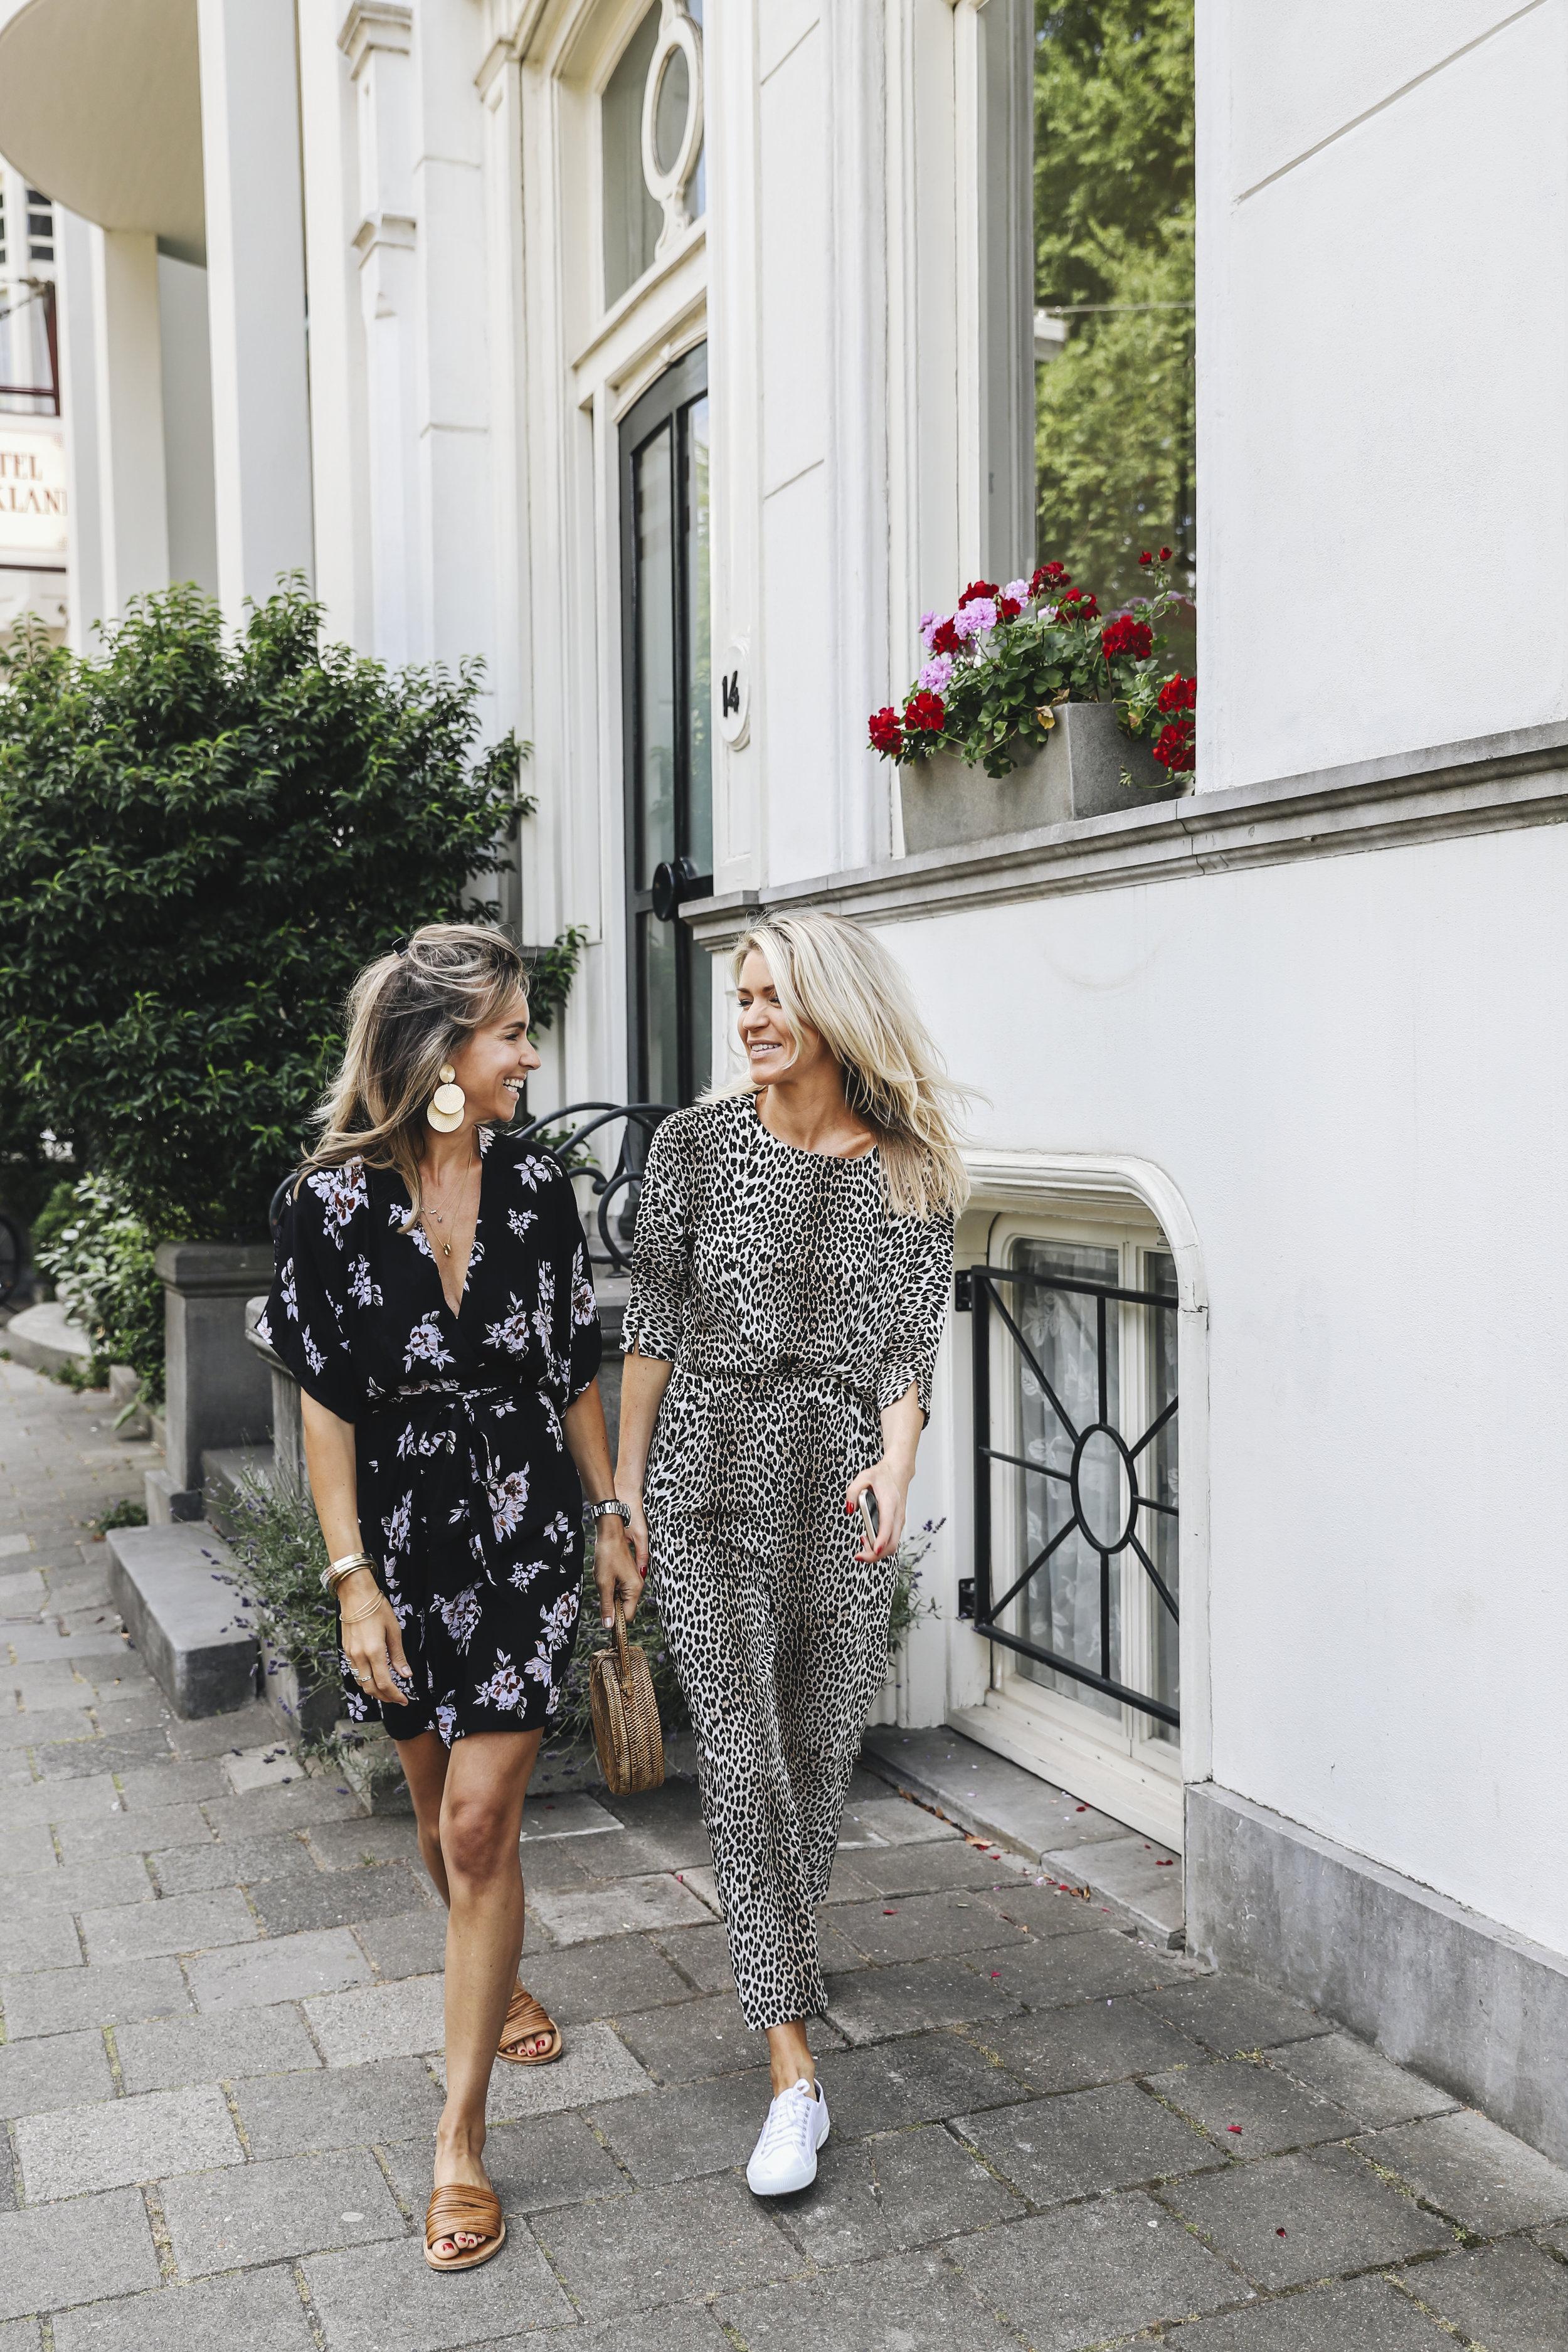 Met Compagnon Rosanne Jansen in de nieuwste items! Te koop online en in de winkels.